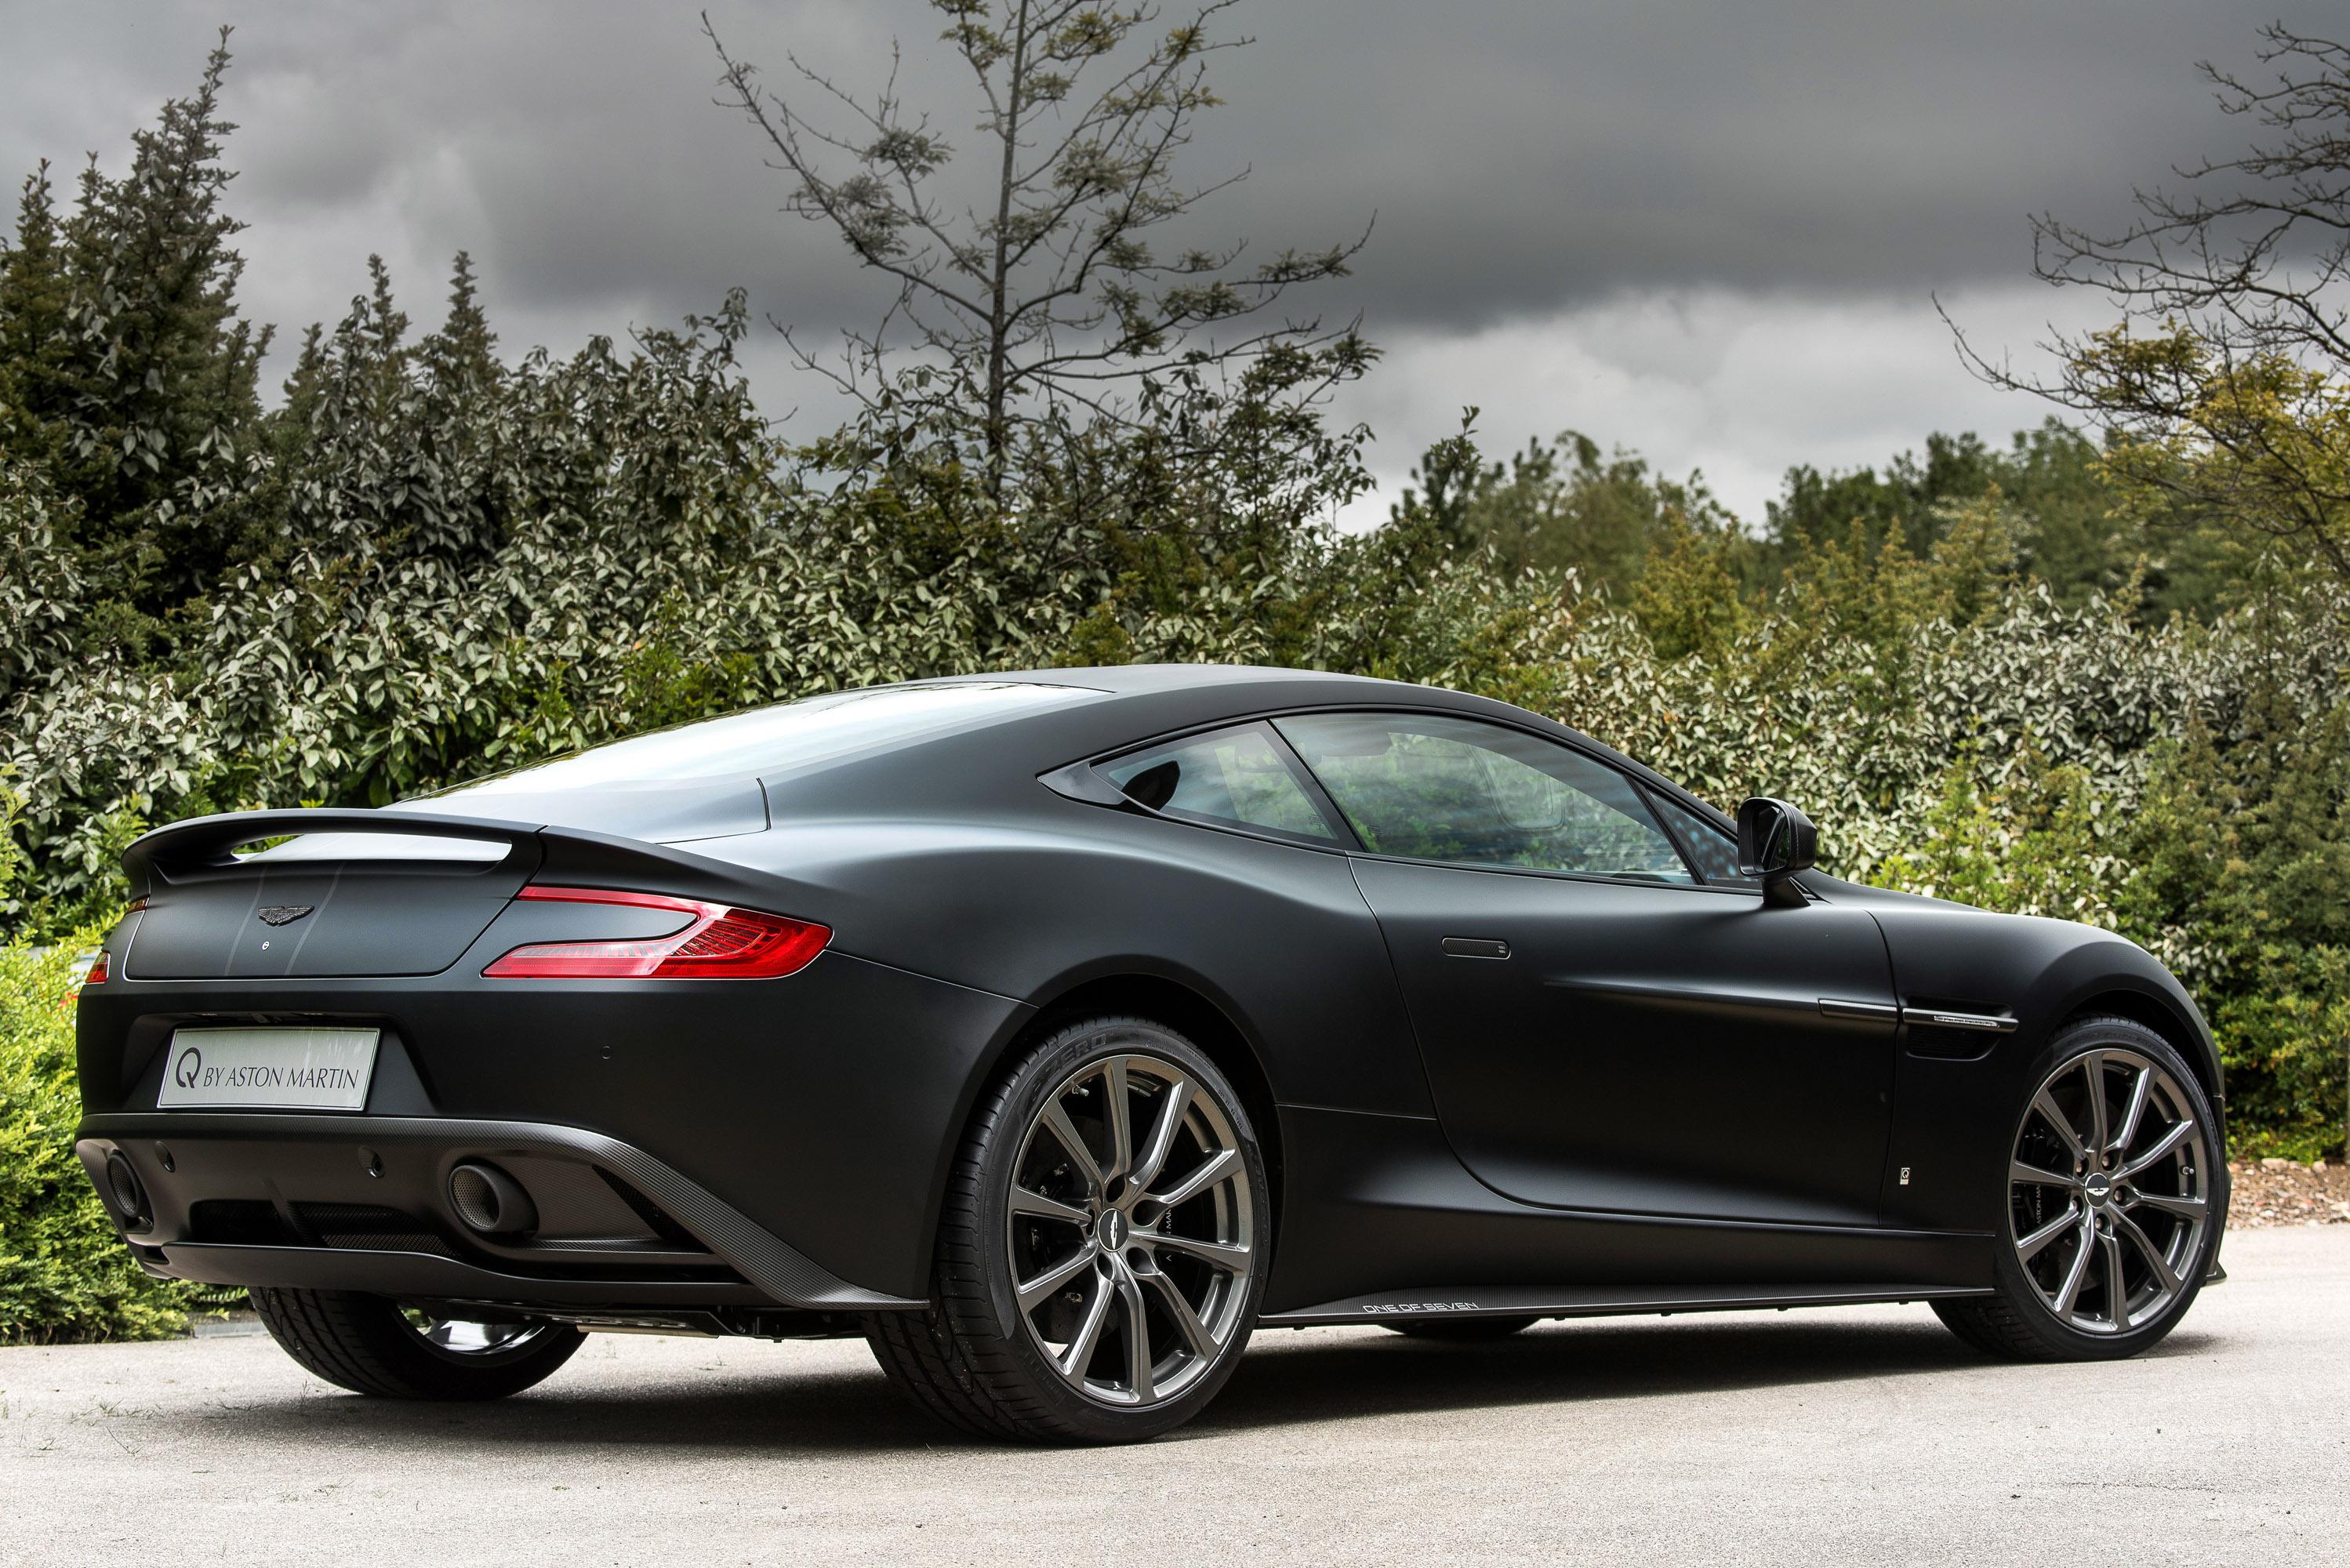 Aston Martin Team Created Seven Unique Vanquish Vehicles